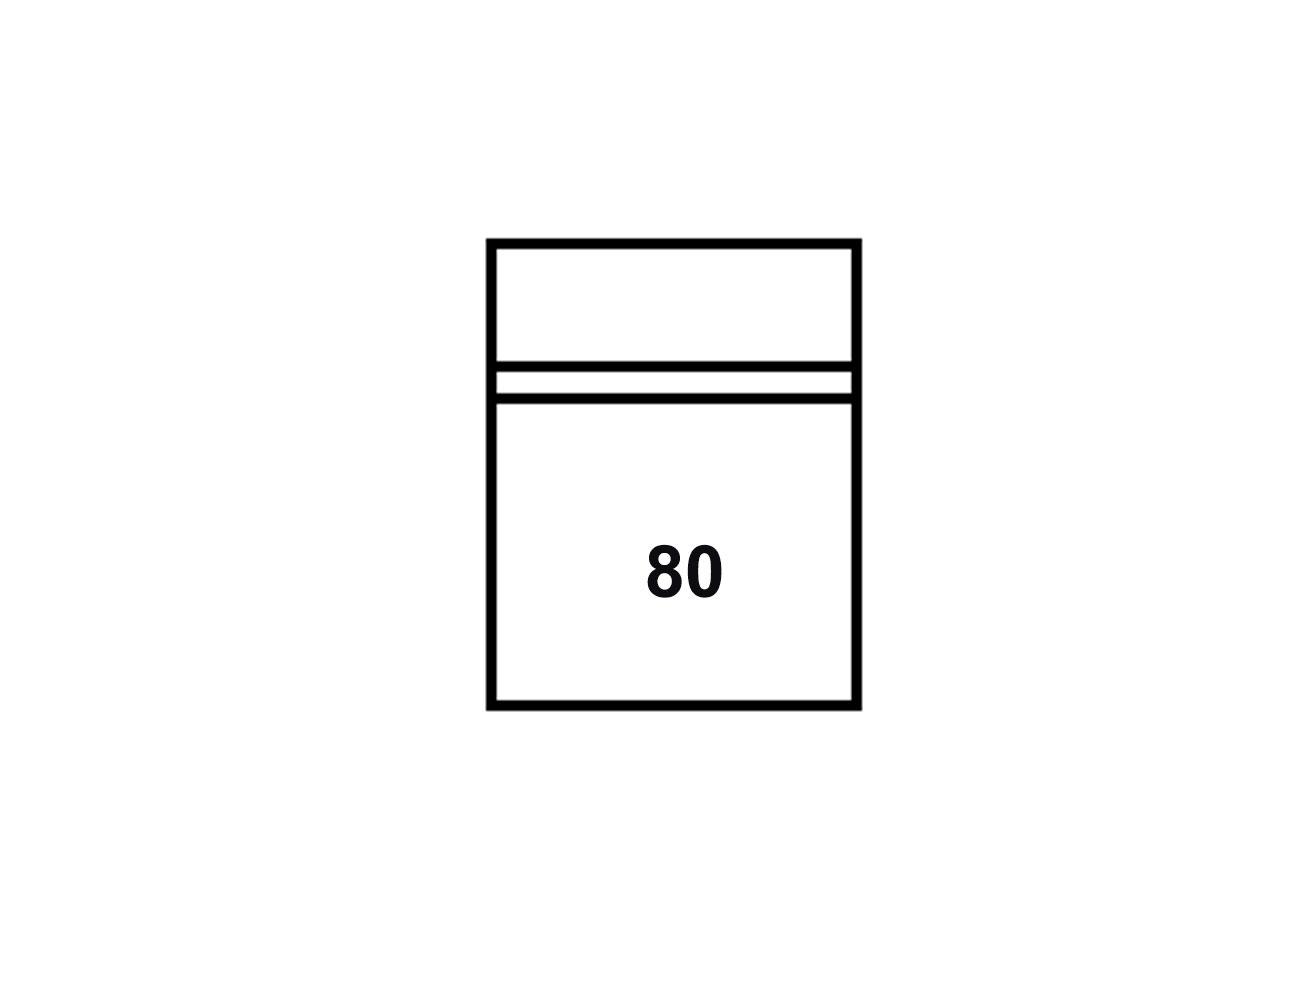 Modulo 1p 804